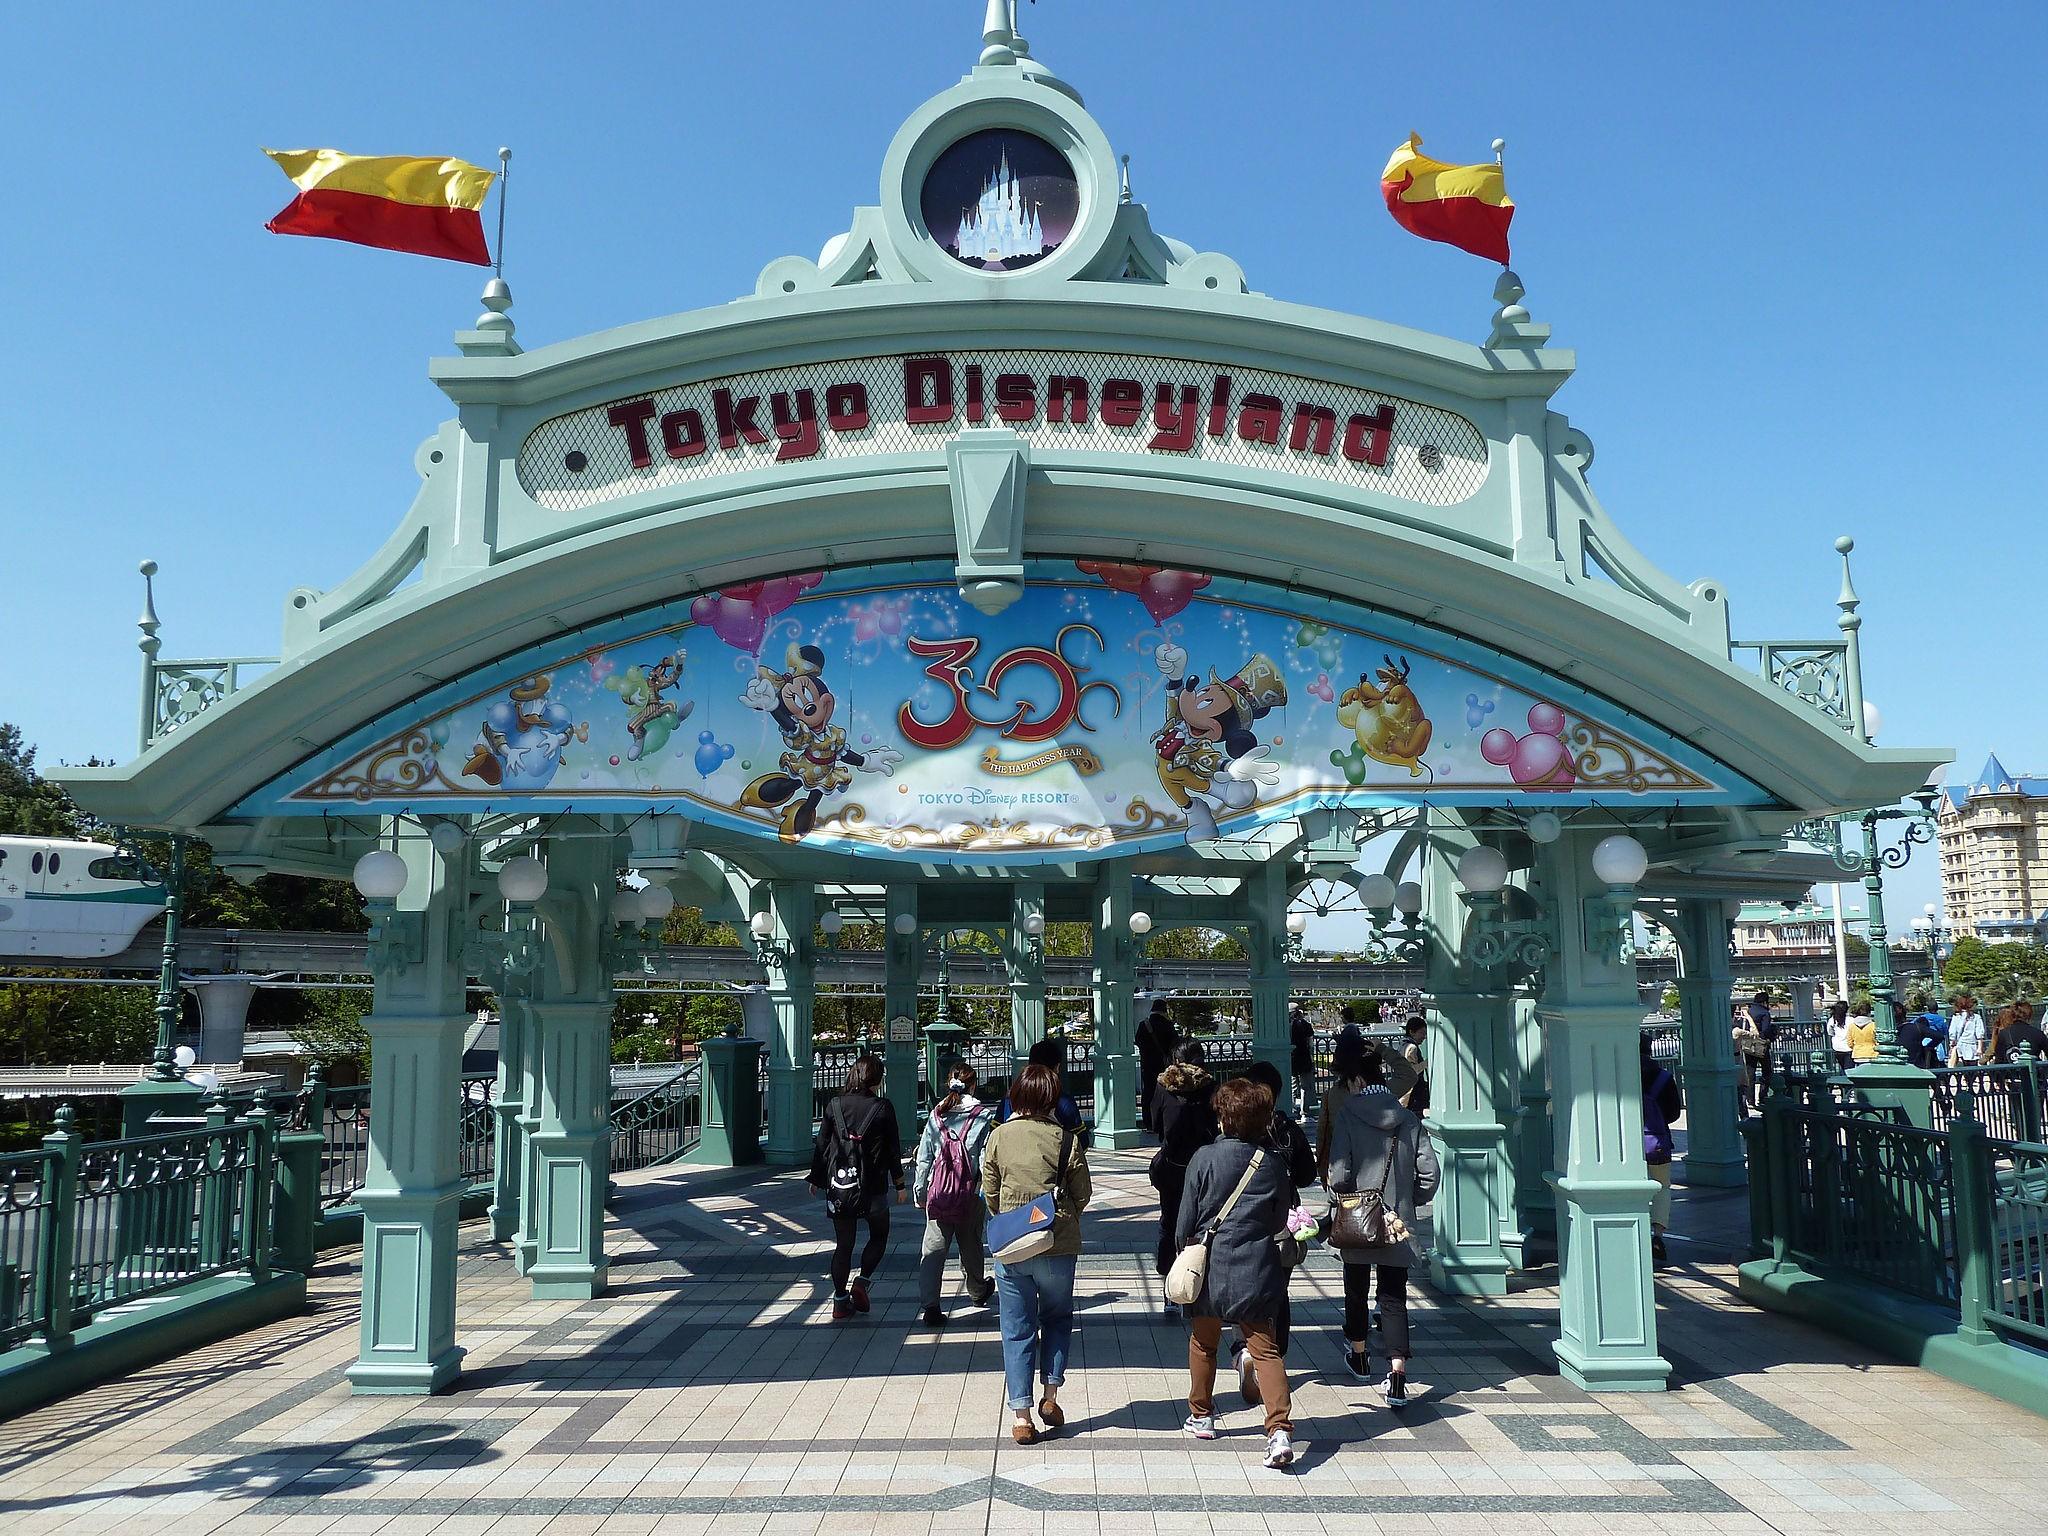 日本迪士尼:一座后現代社會傷疤上的樂園